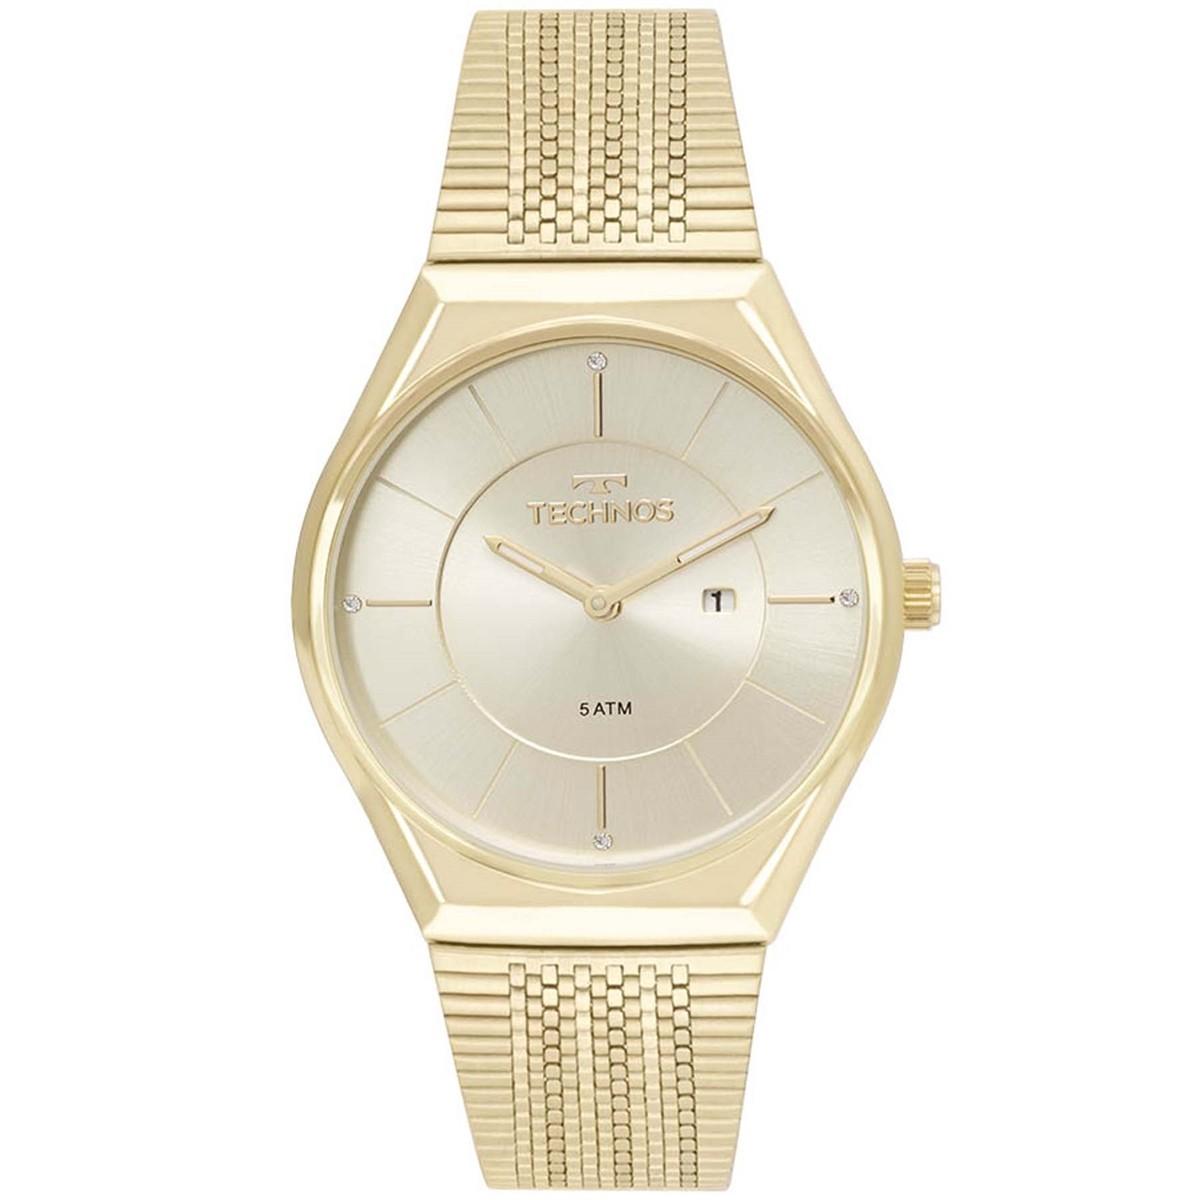 Relógio Technos Feminino - GL15AR/4X  - Dumont Online - Joias e Relógios